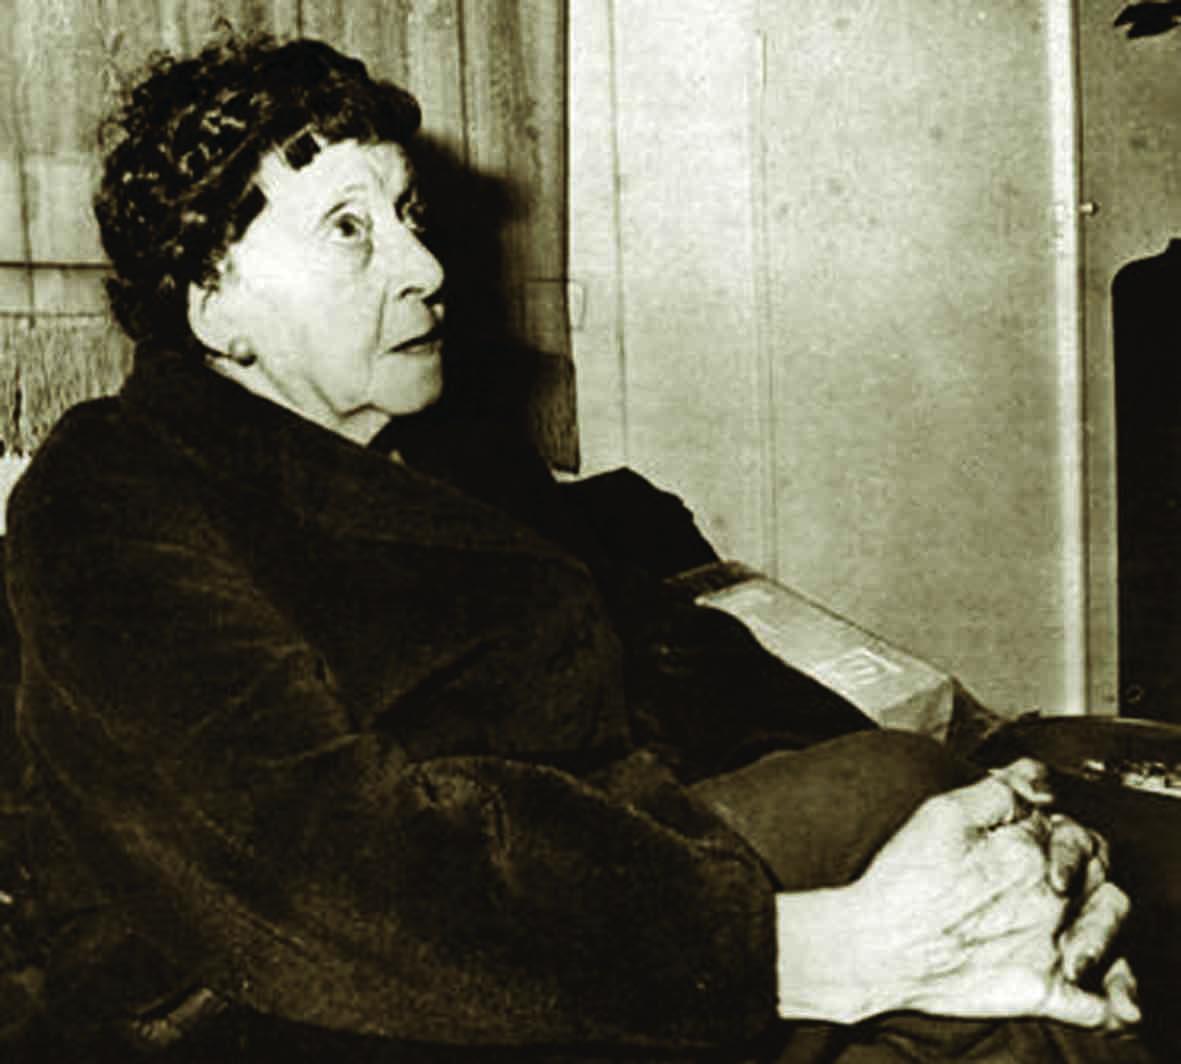 Carnelli Foto principal